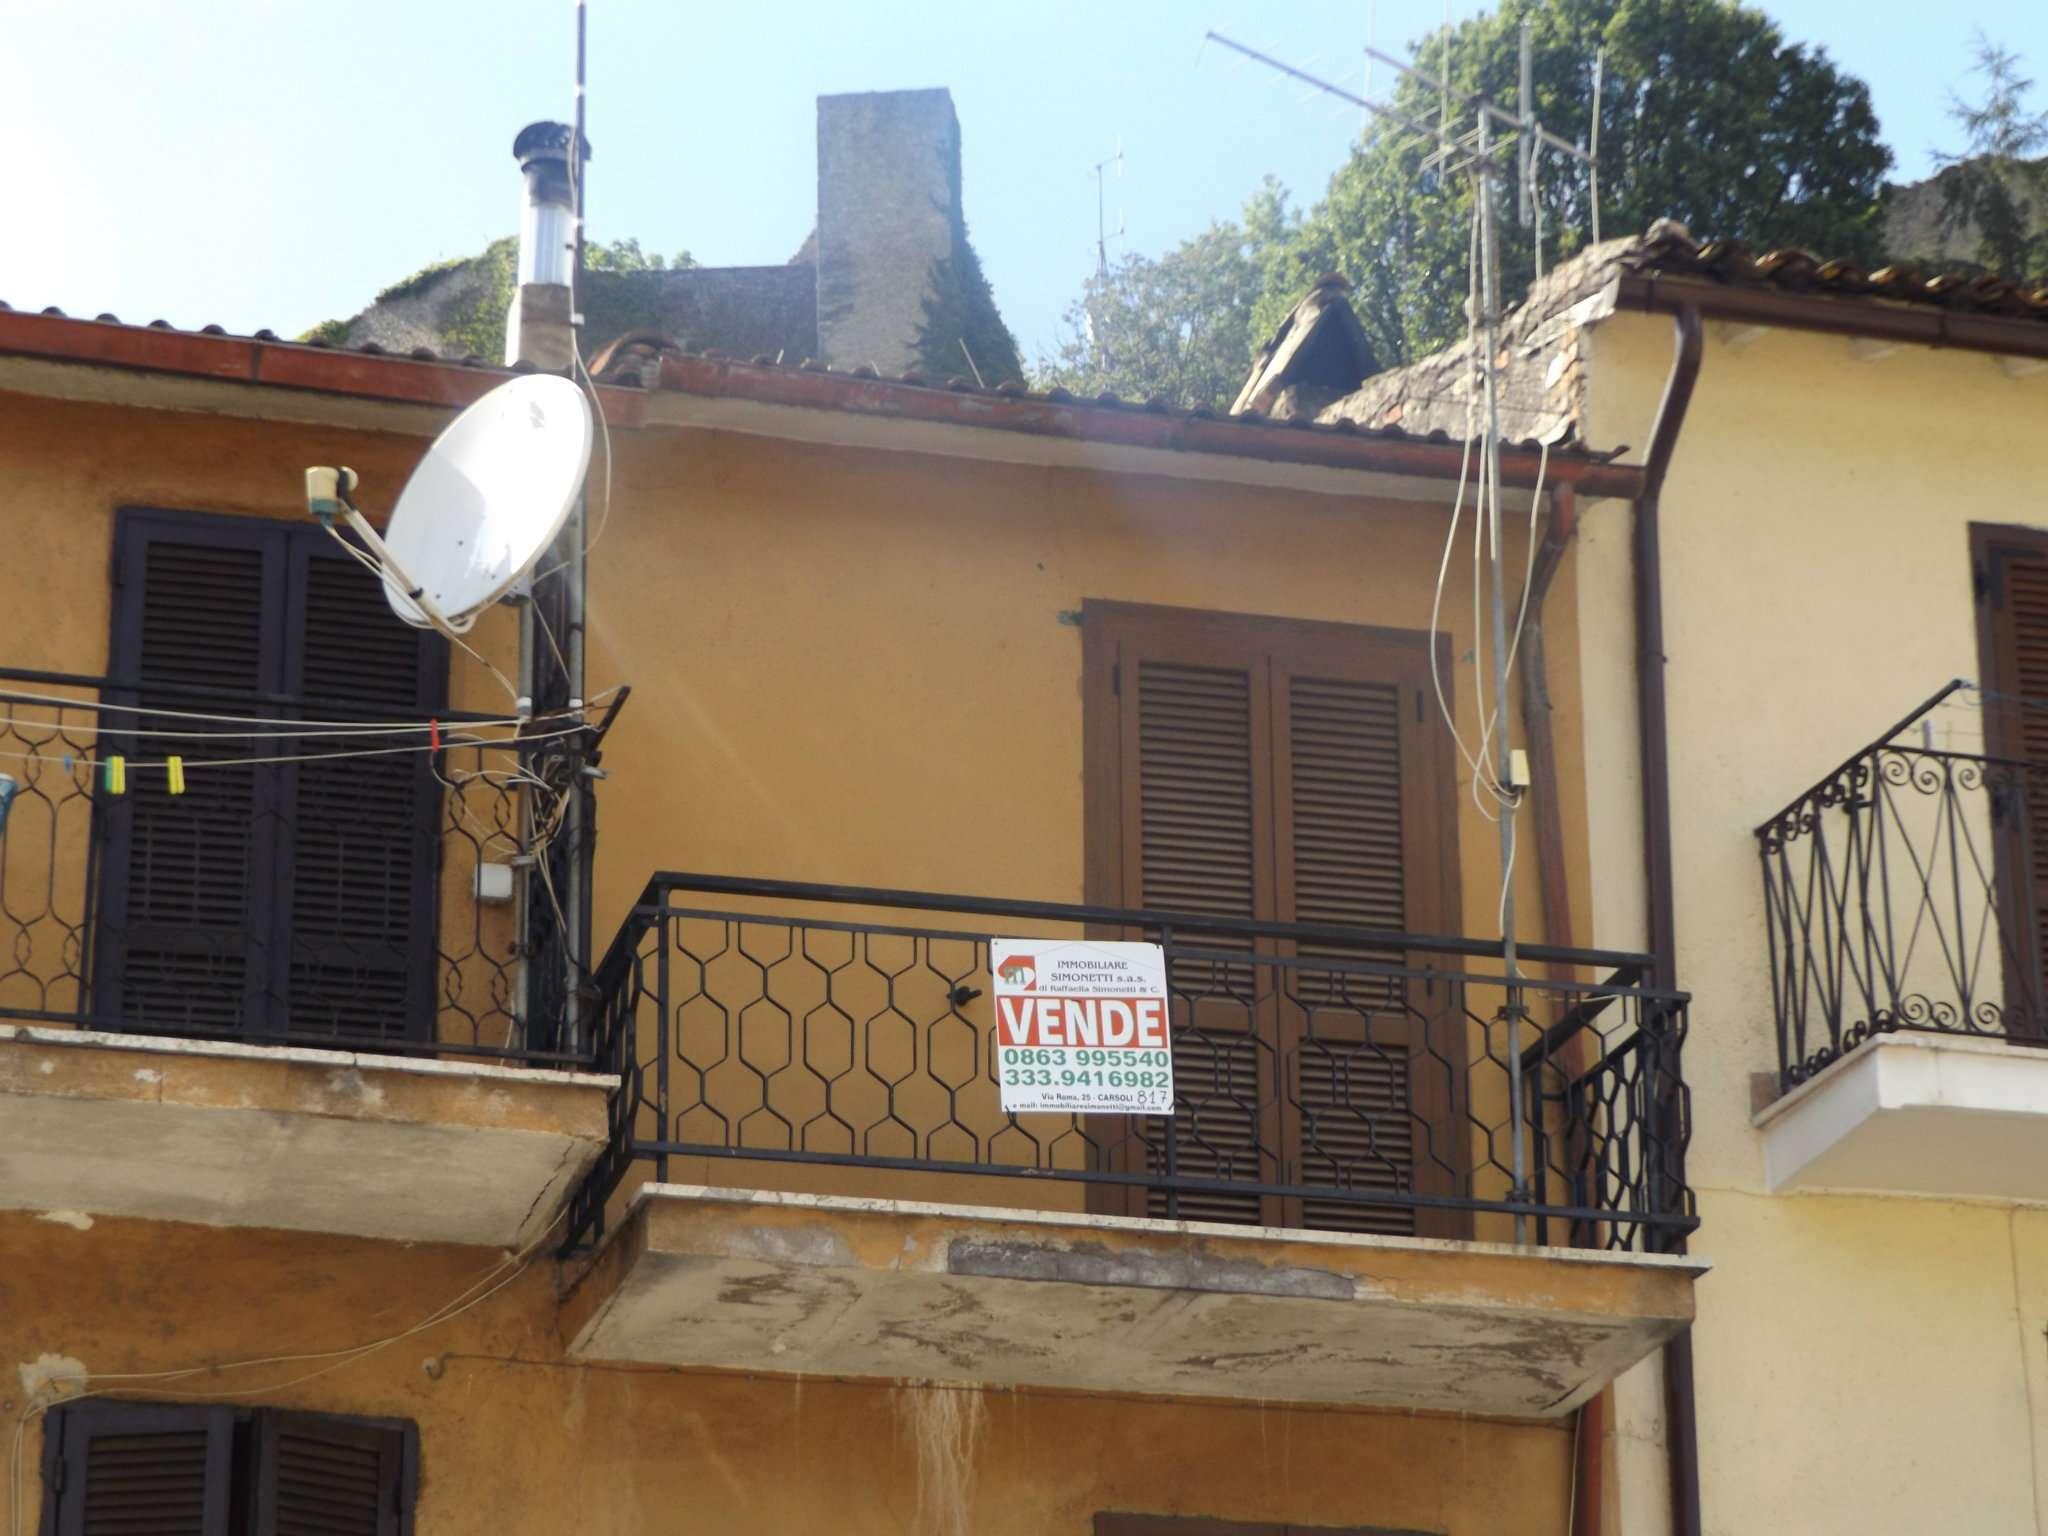 Palazzo / Stabile in vendita a Carsoli, 4 locali, prezzo € 45.000 | CambioCasa.it